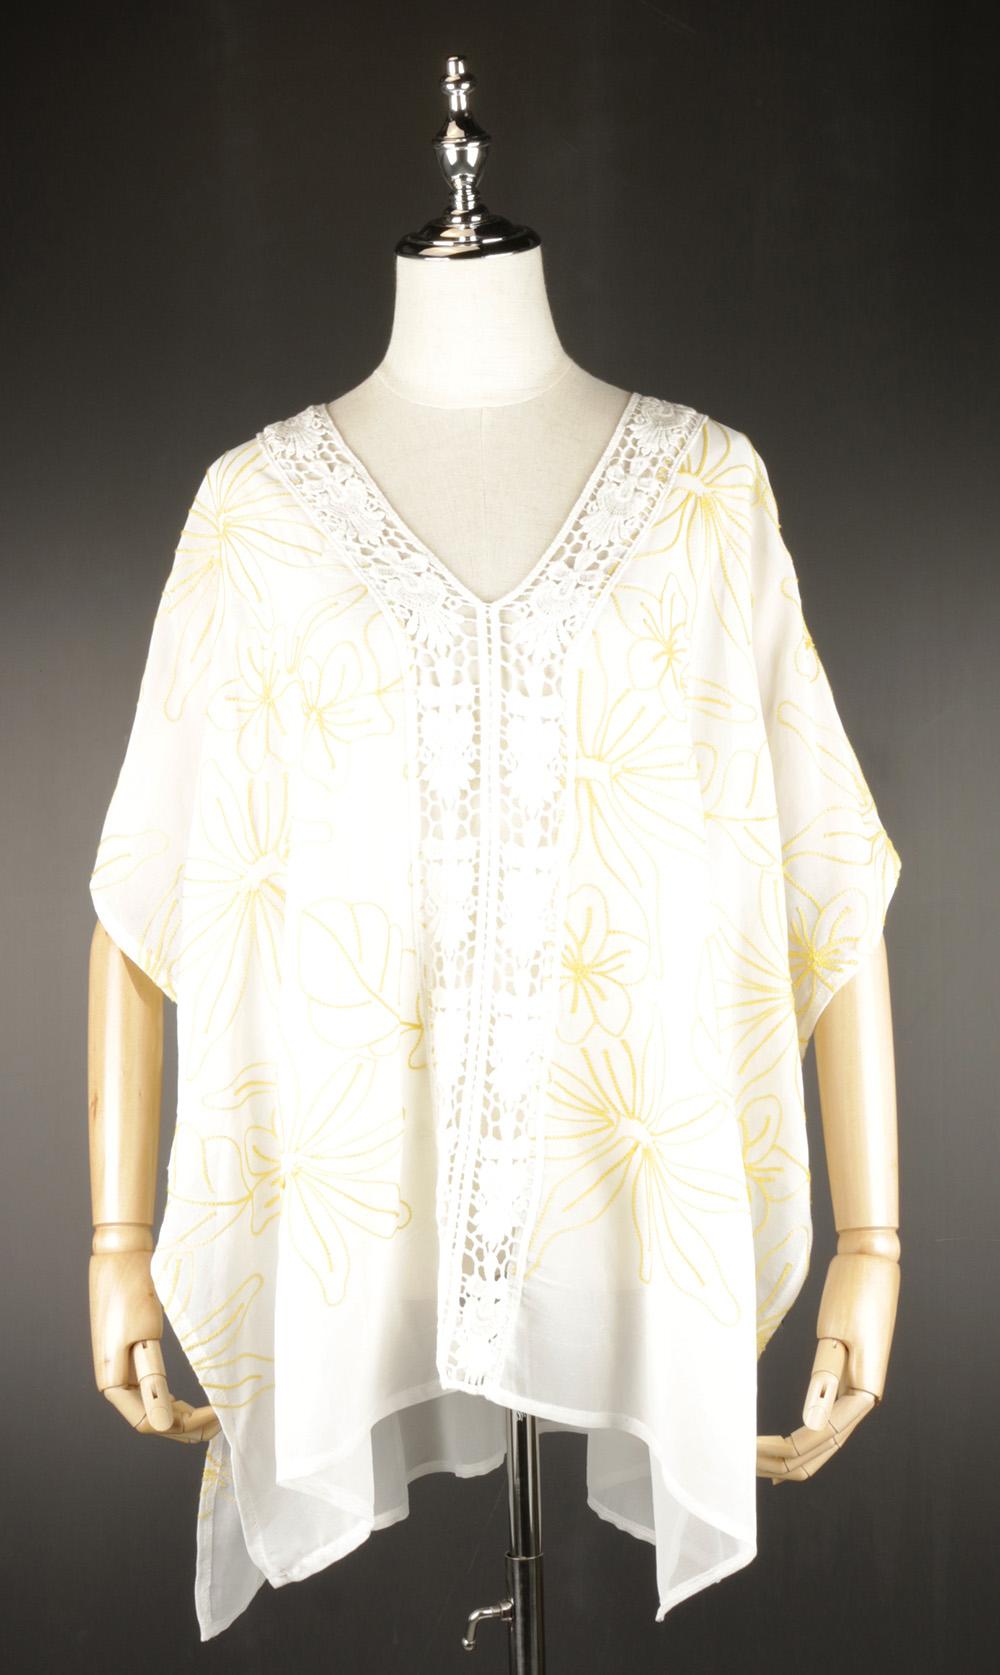 CEK1605 Chiffon Embroidery